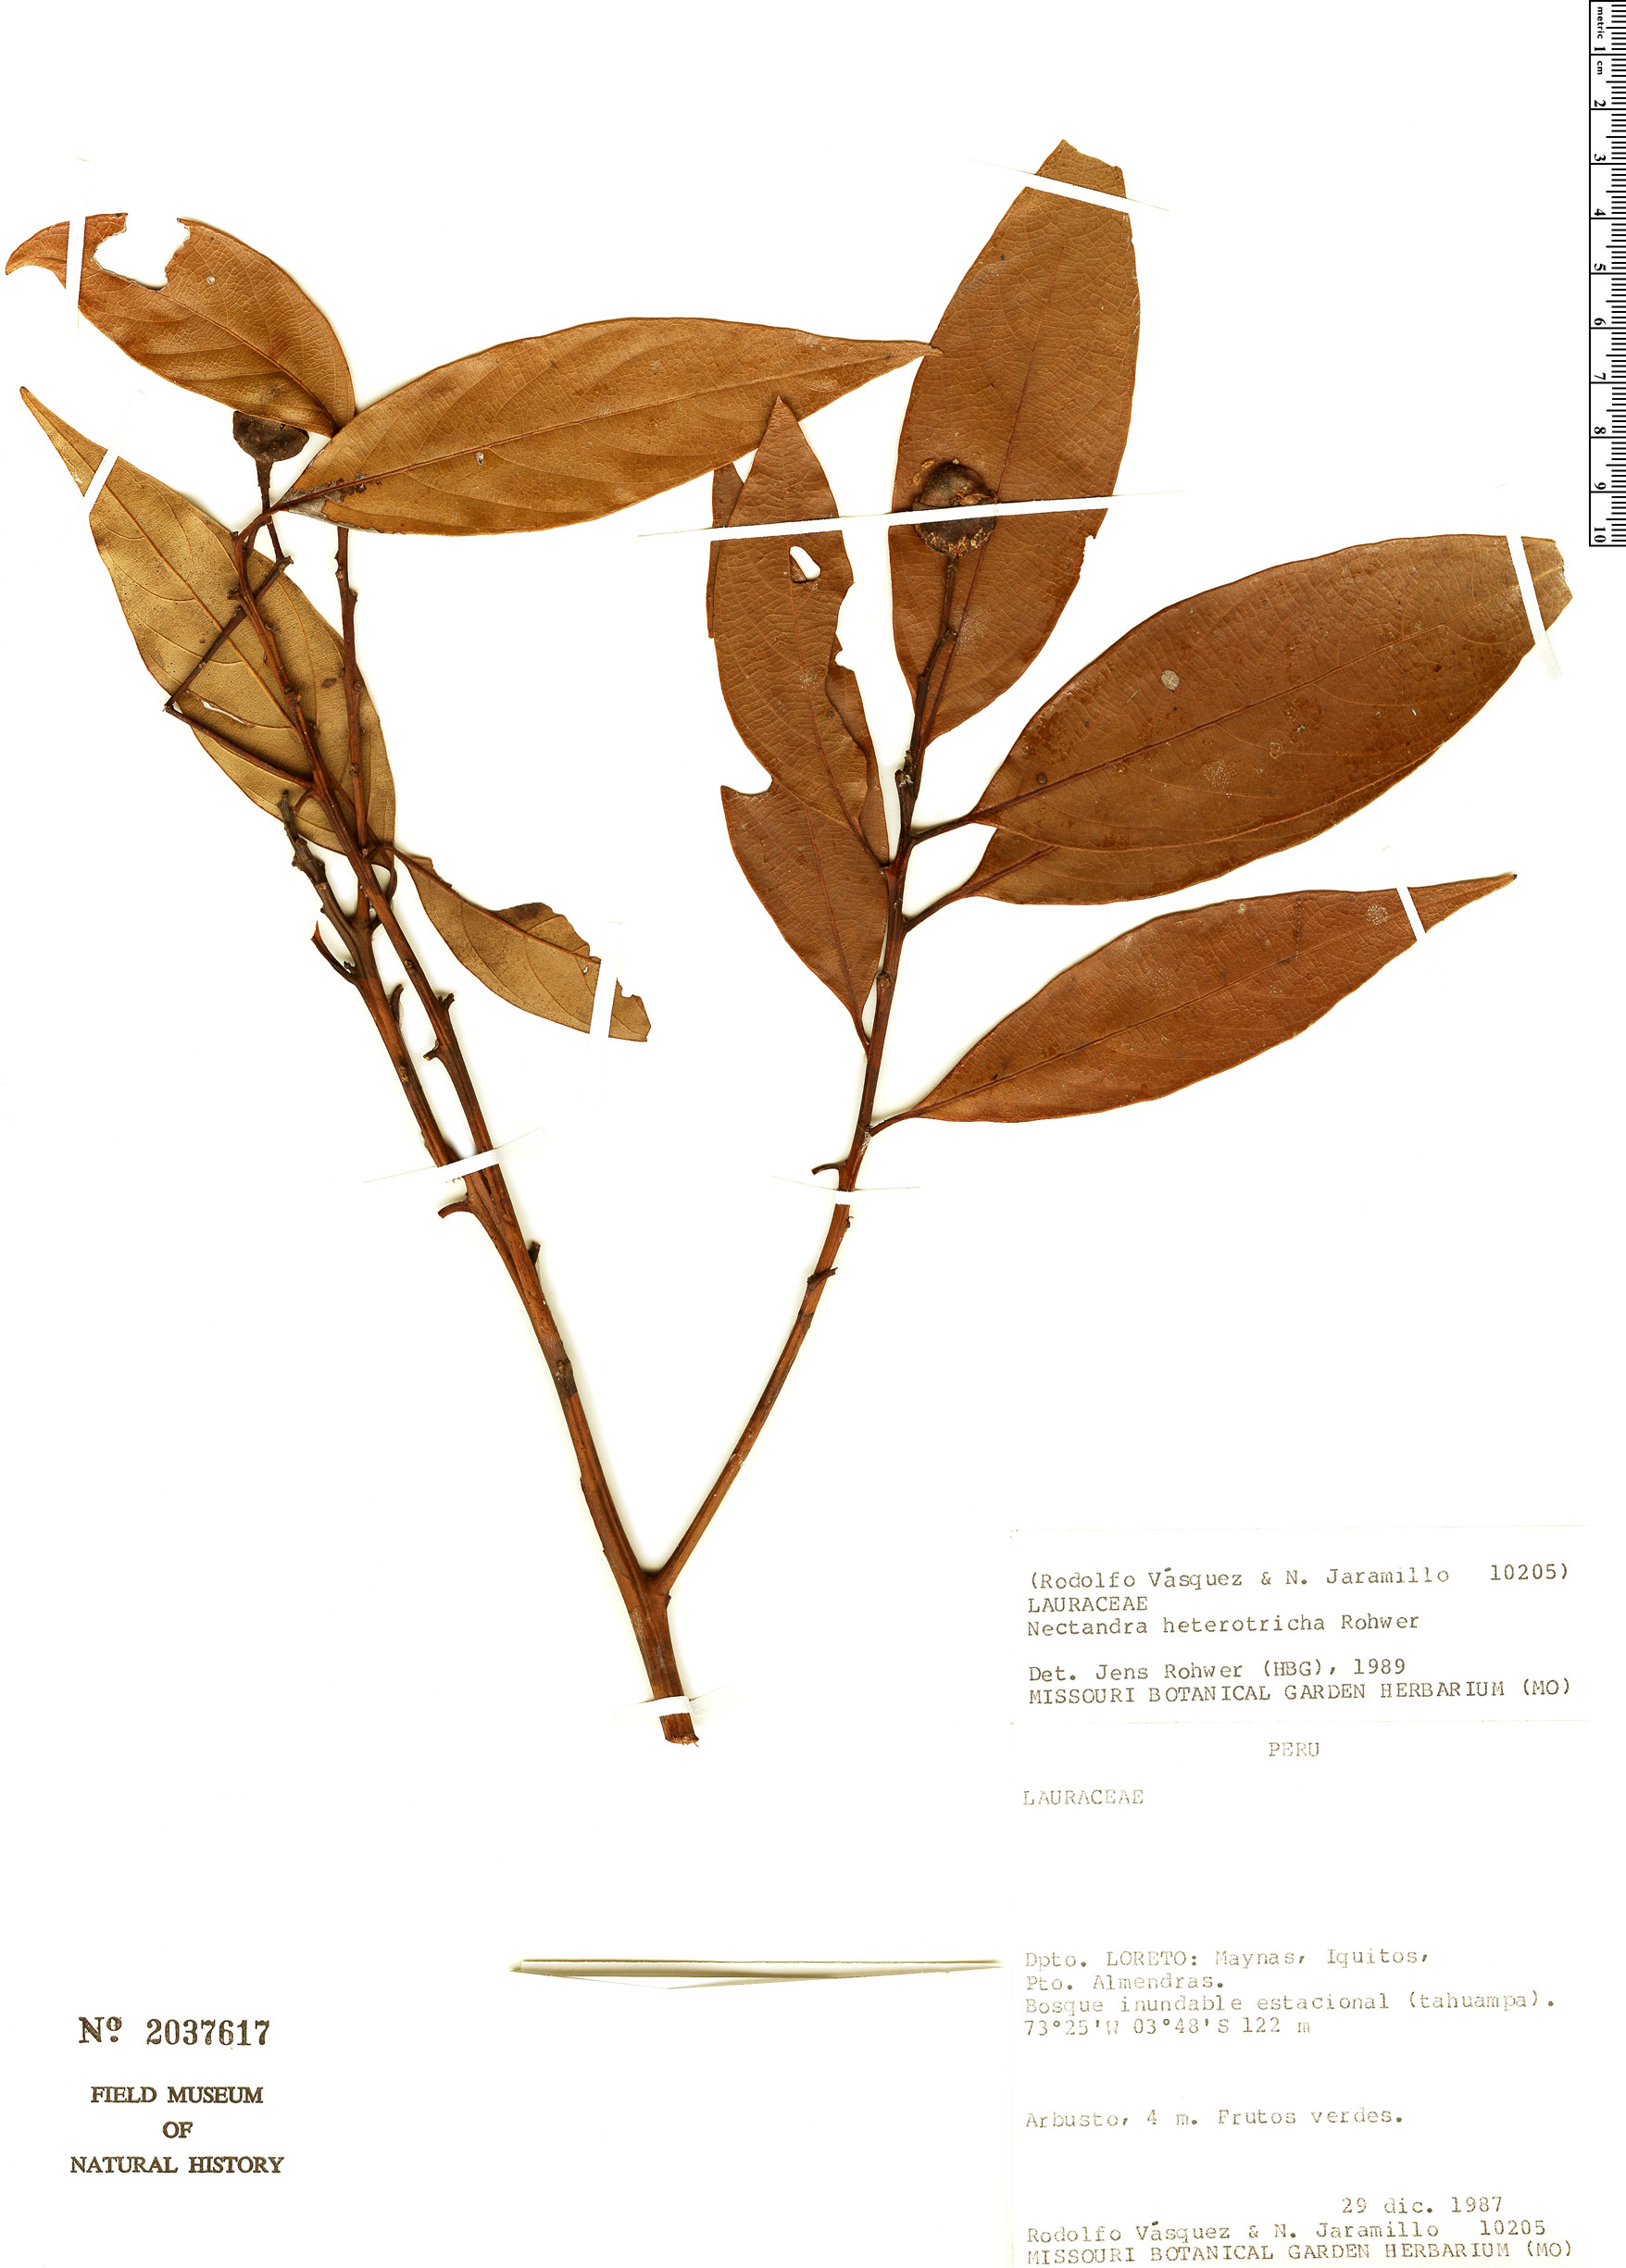 Specimen: Nectandra heterotricha